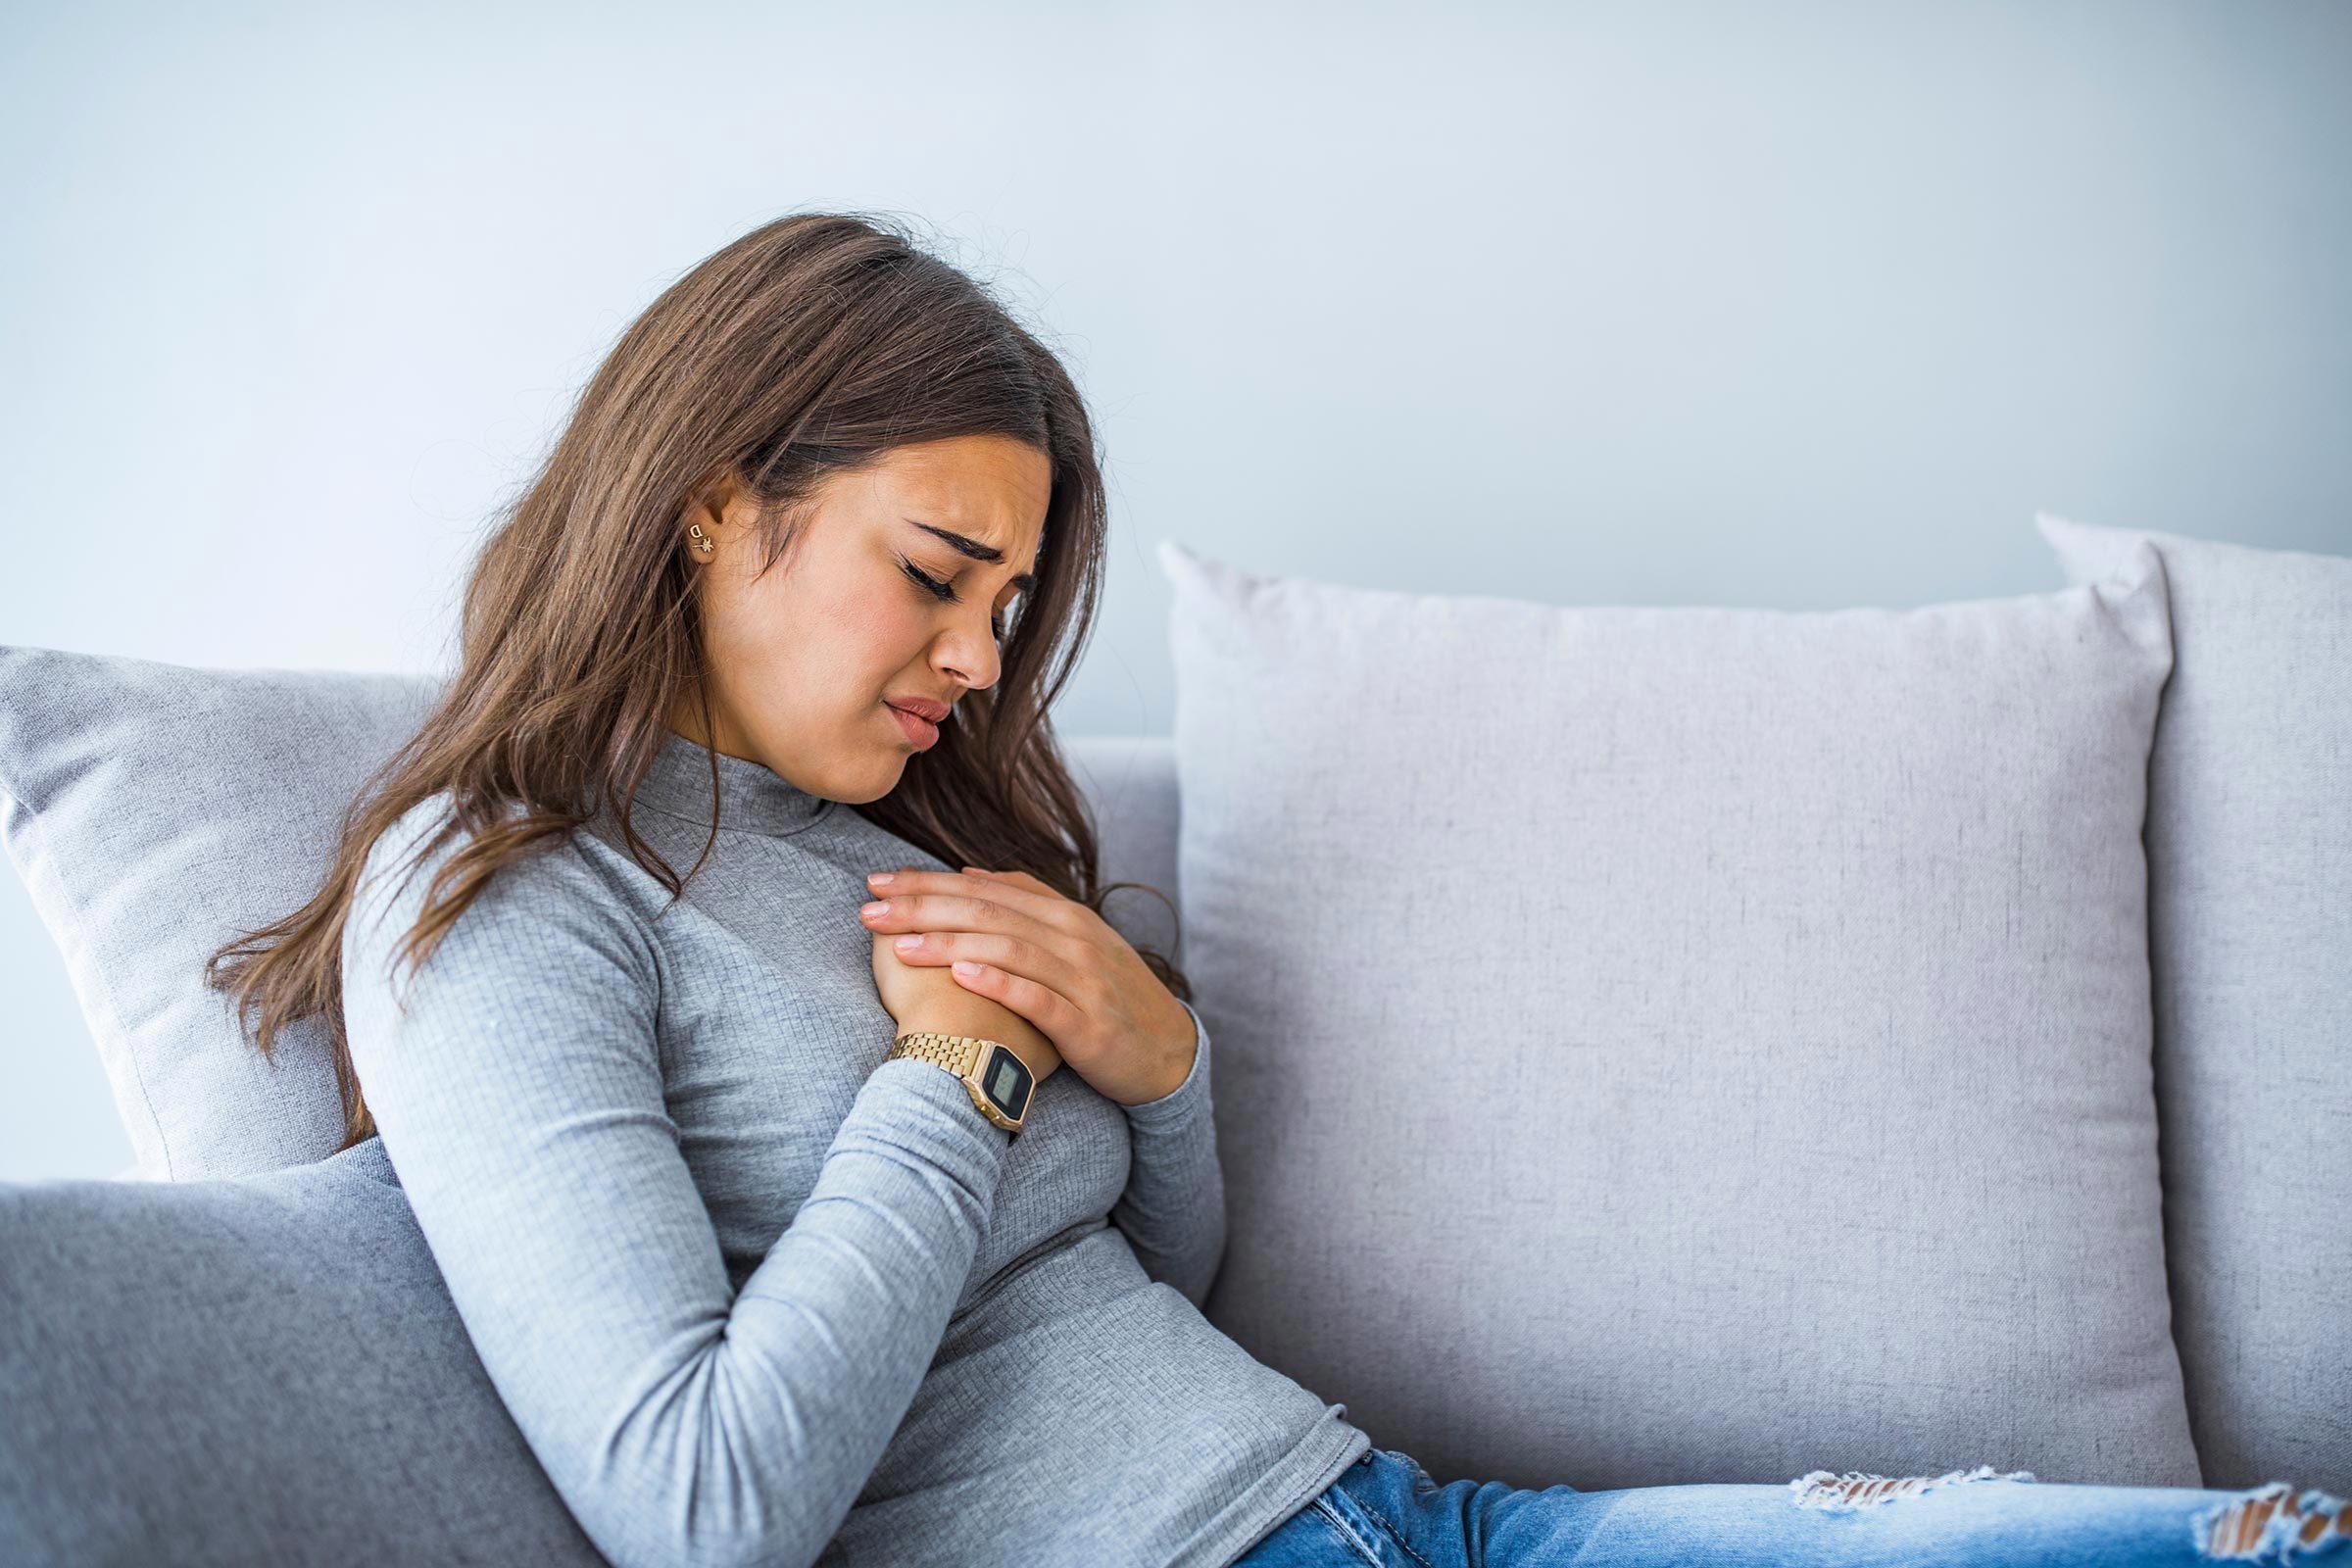 Crise cardiaque : une douleur à la poitrine qui s'étend dans les bras ou la mâchoire doit vous alerter.